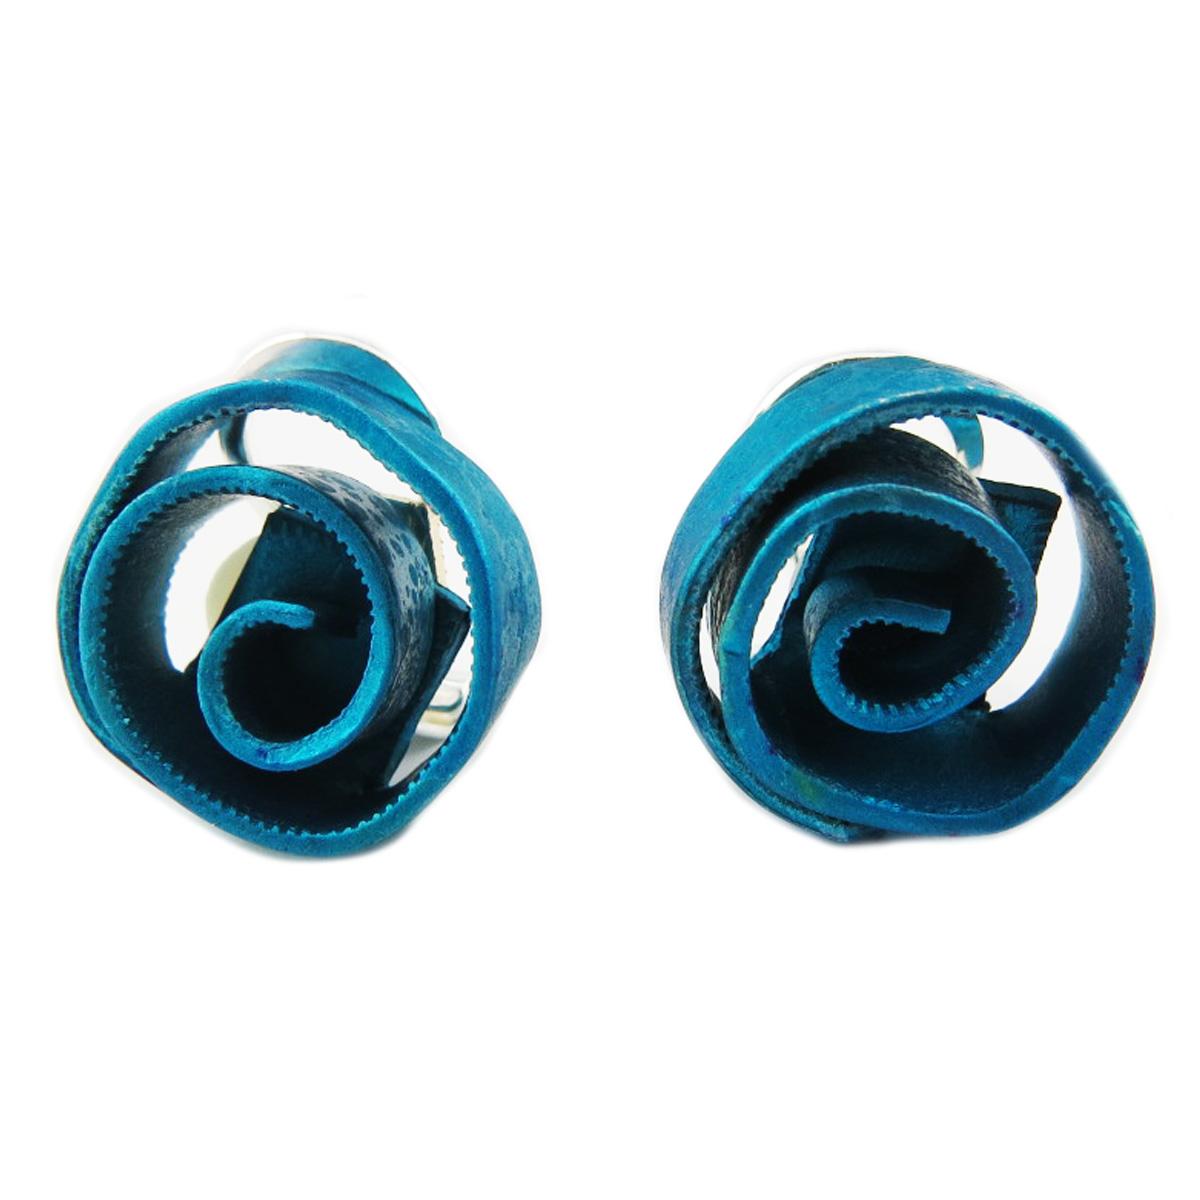 Clips / boucles d\'oreilles artisanales \'Aluminirock\' turquoise - 15 cm - [R1235]